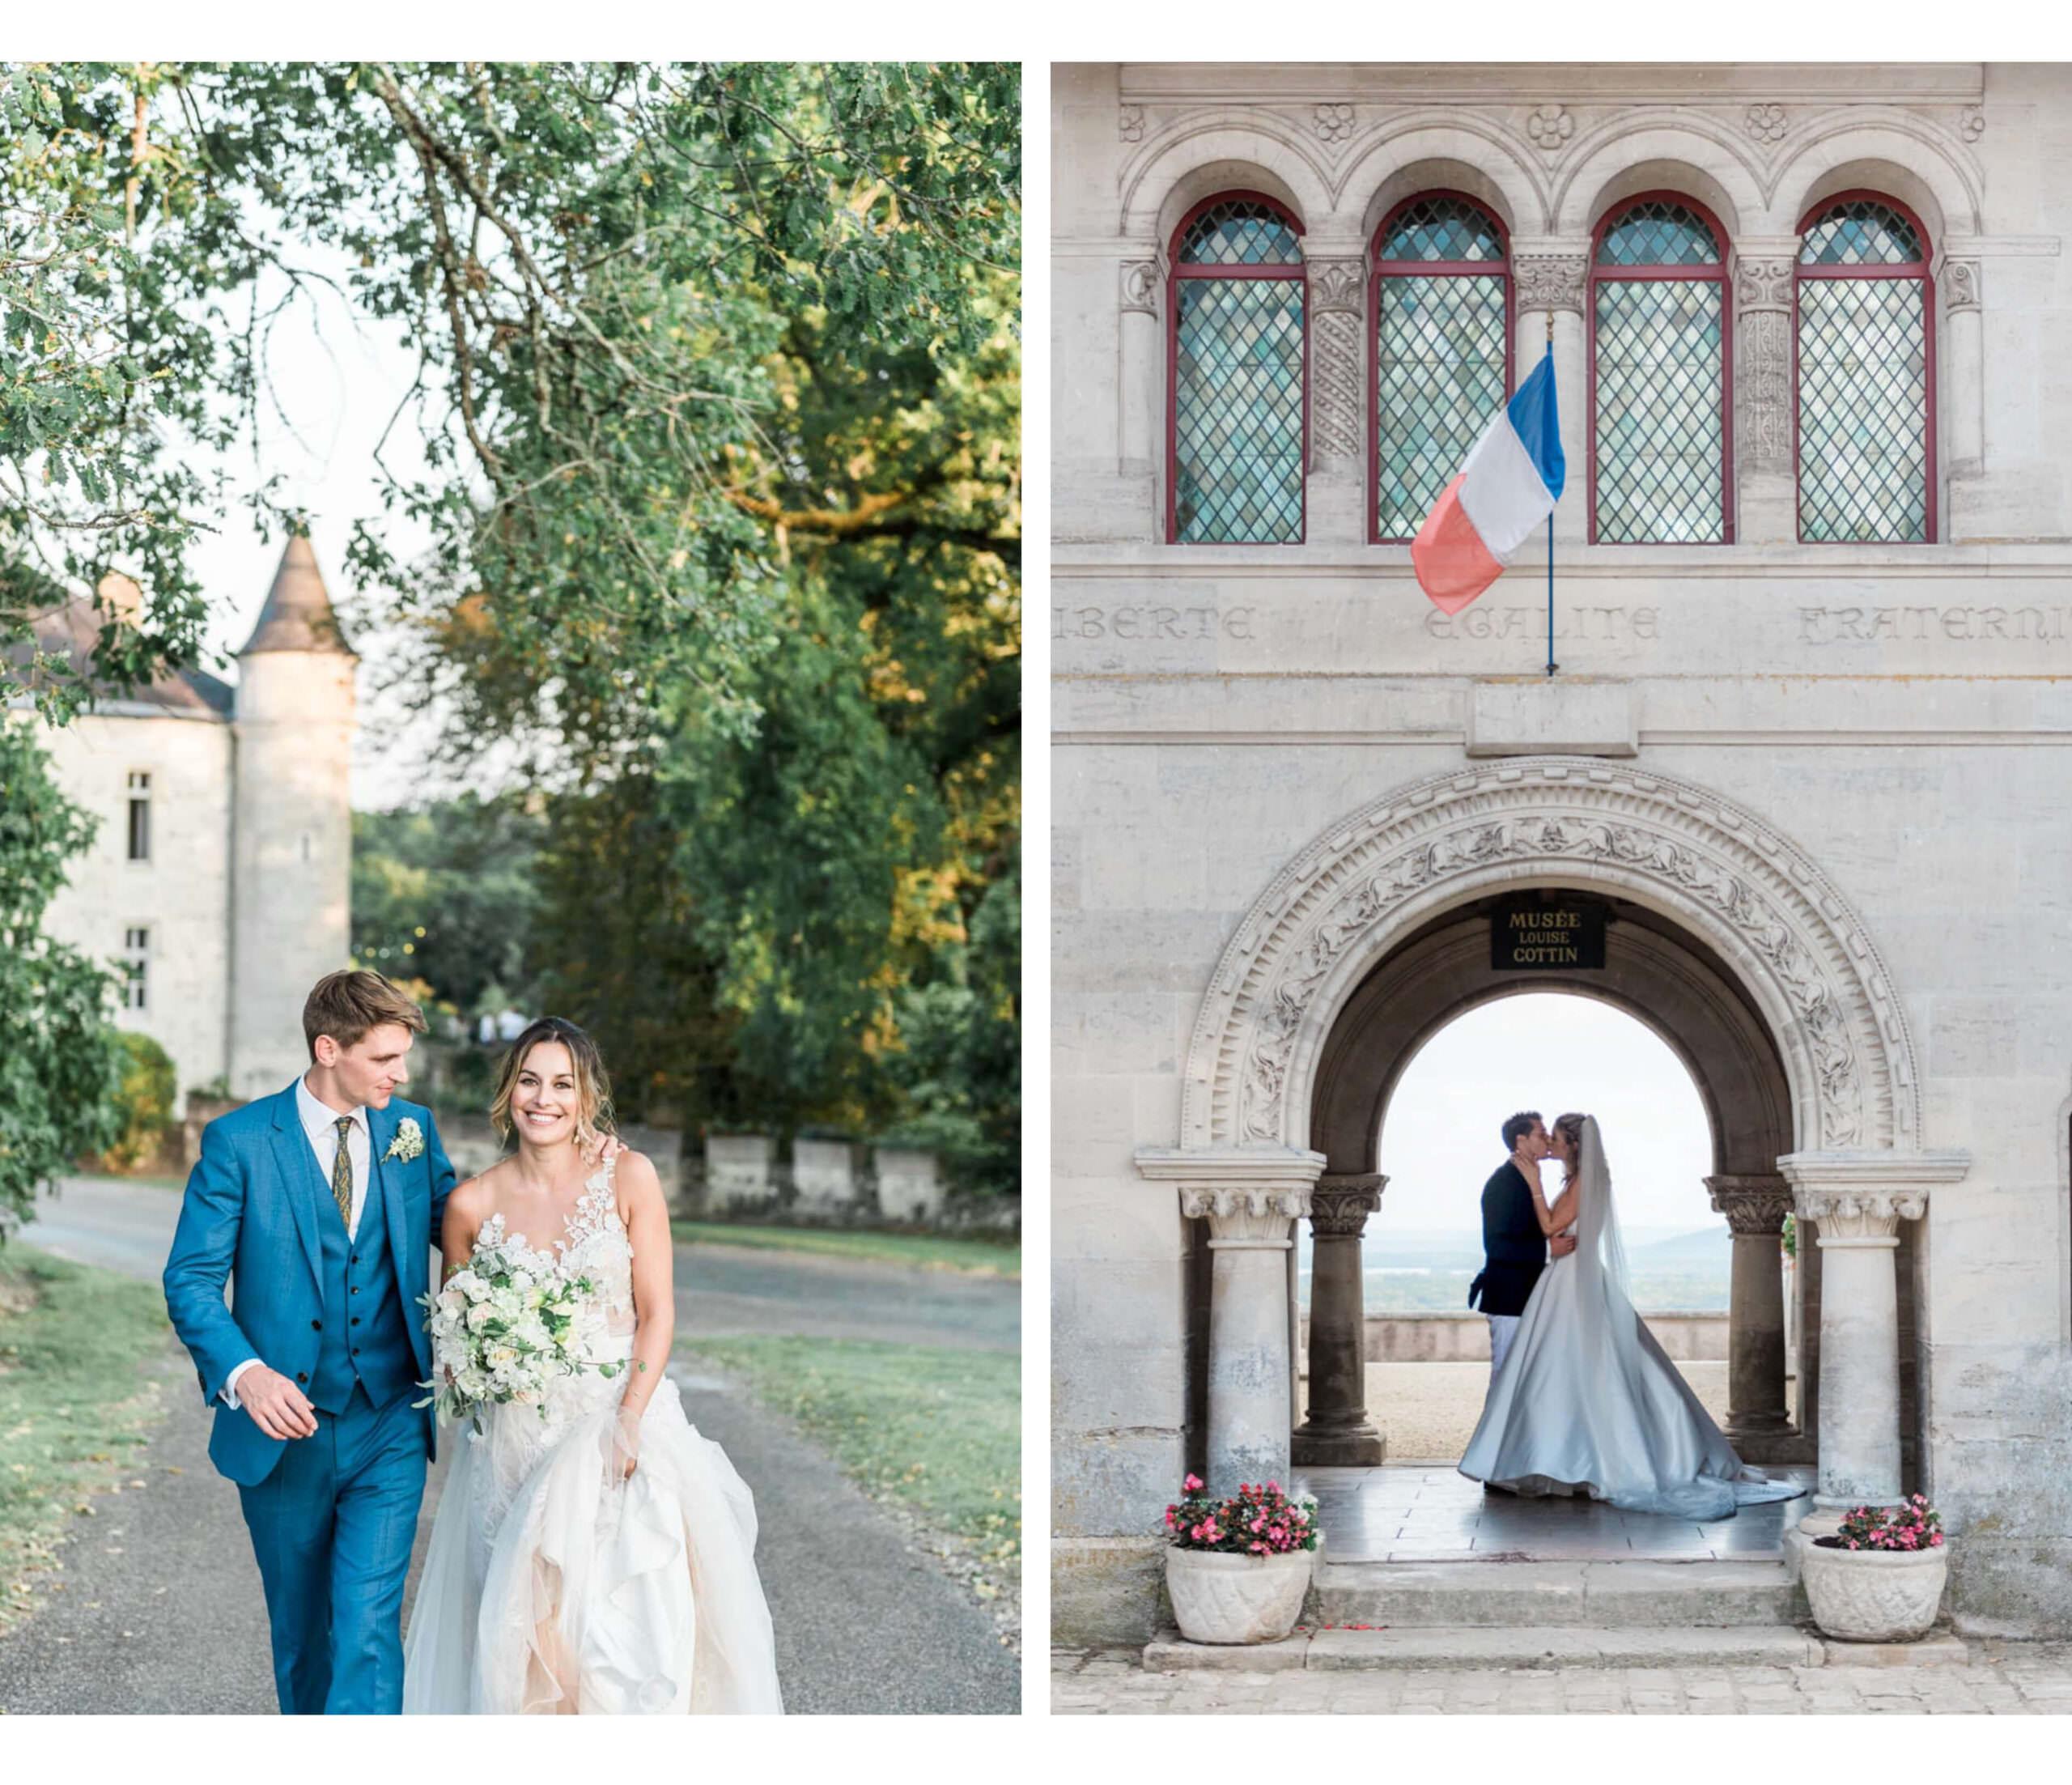 Links een bruidspaar dat trouwt op een kasteel in Frankrijk en rechts een bruid en bruidegom die trouwen in Hattonchatel in Noord-Frankrijk